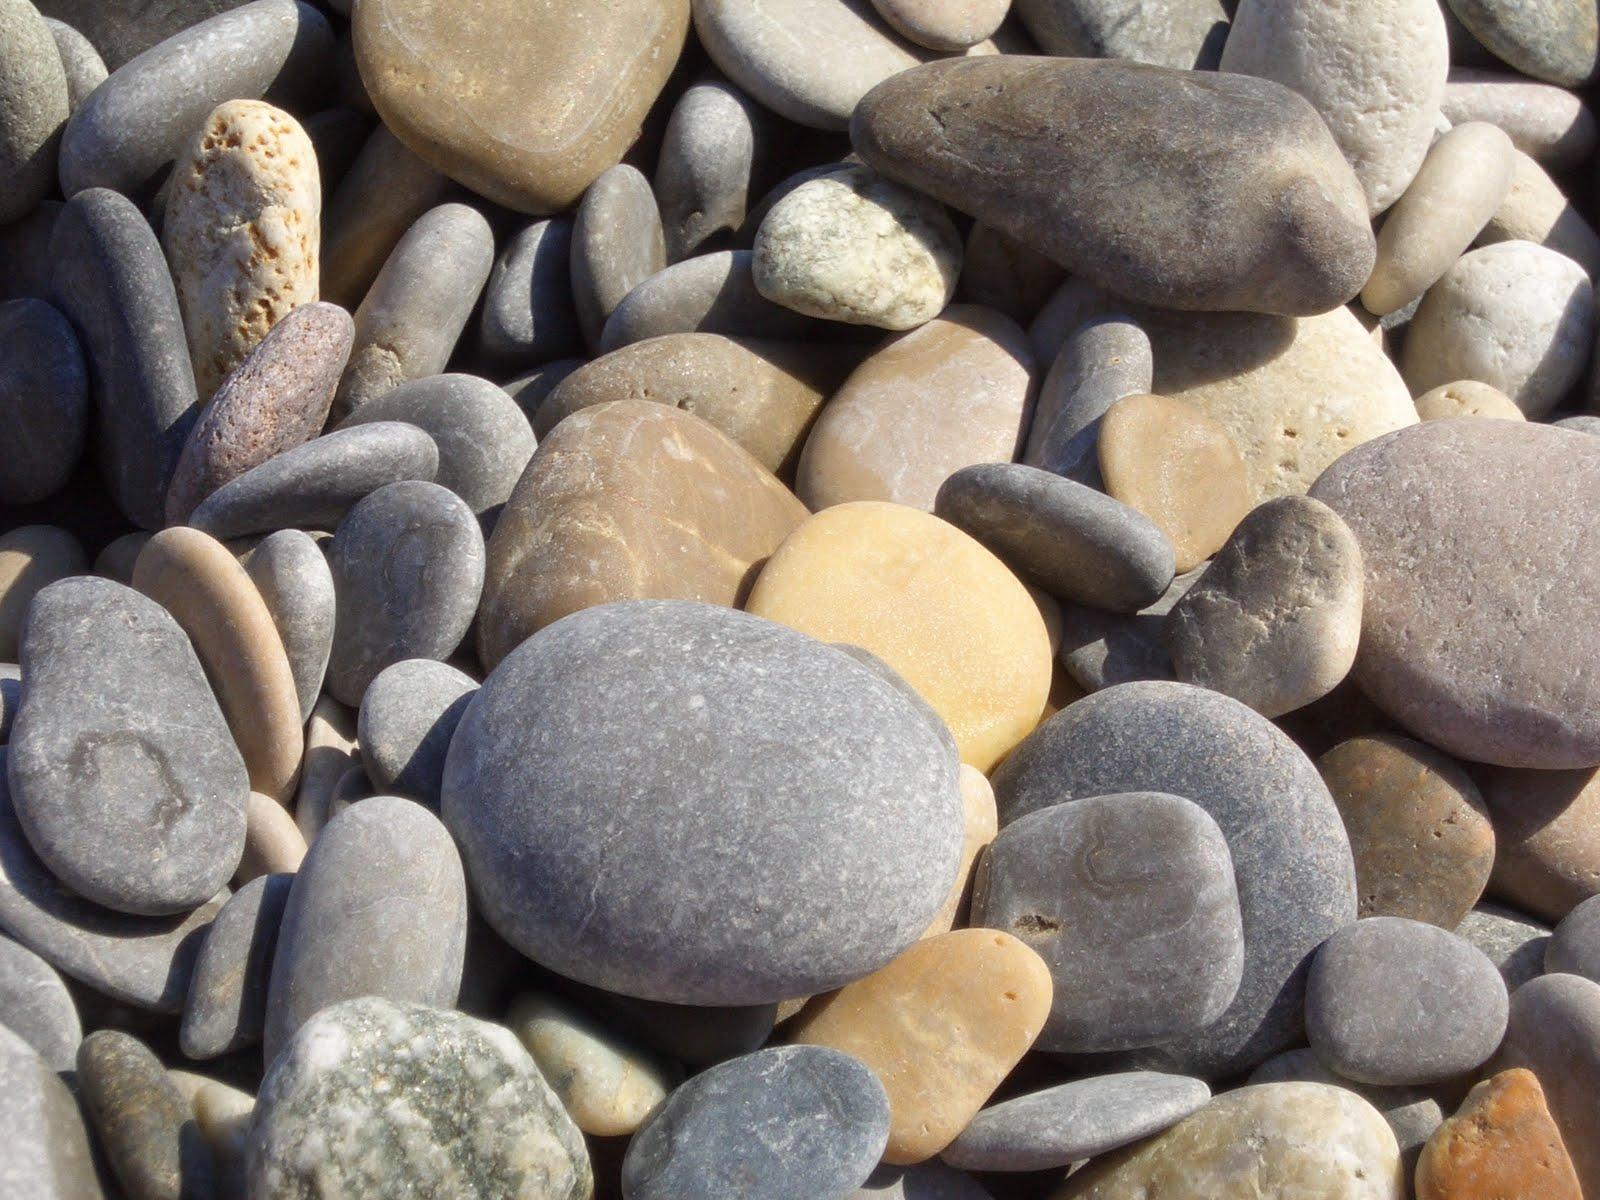 El gran compendio escalaf n 2 el l mite animal - Tipos de piedras naturales ...